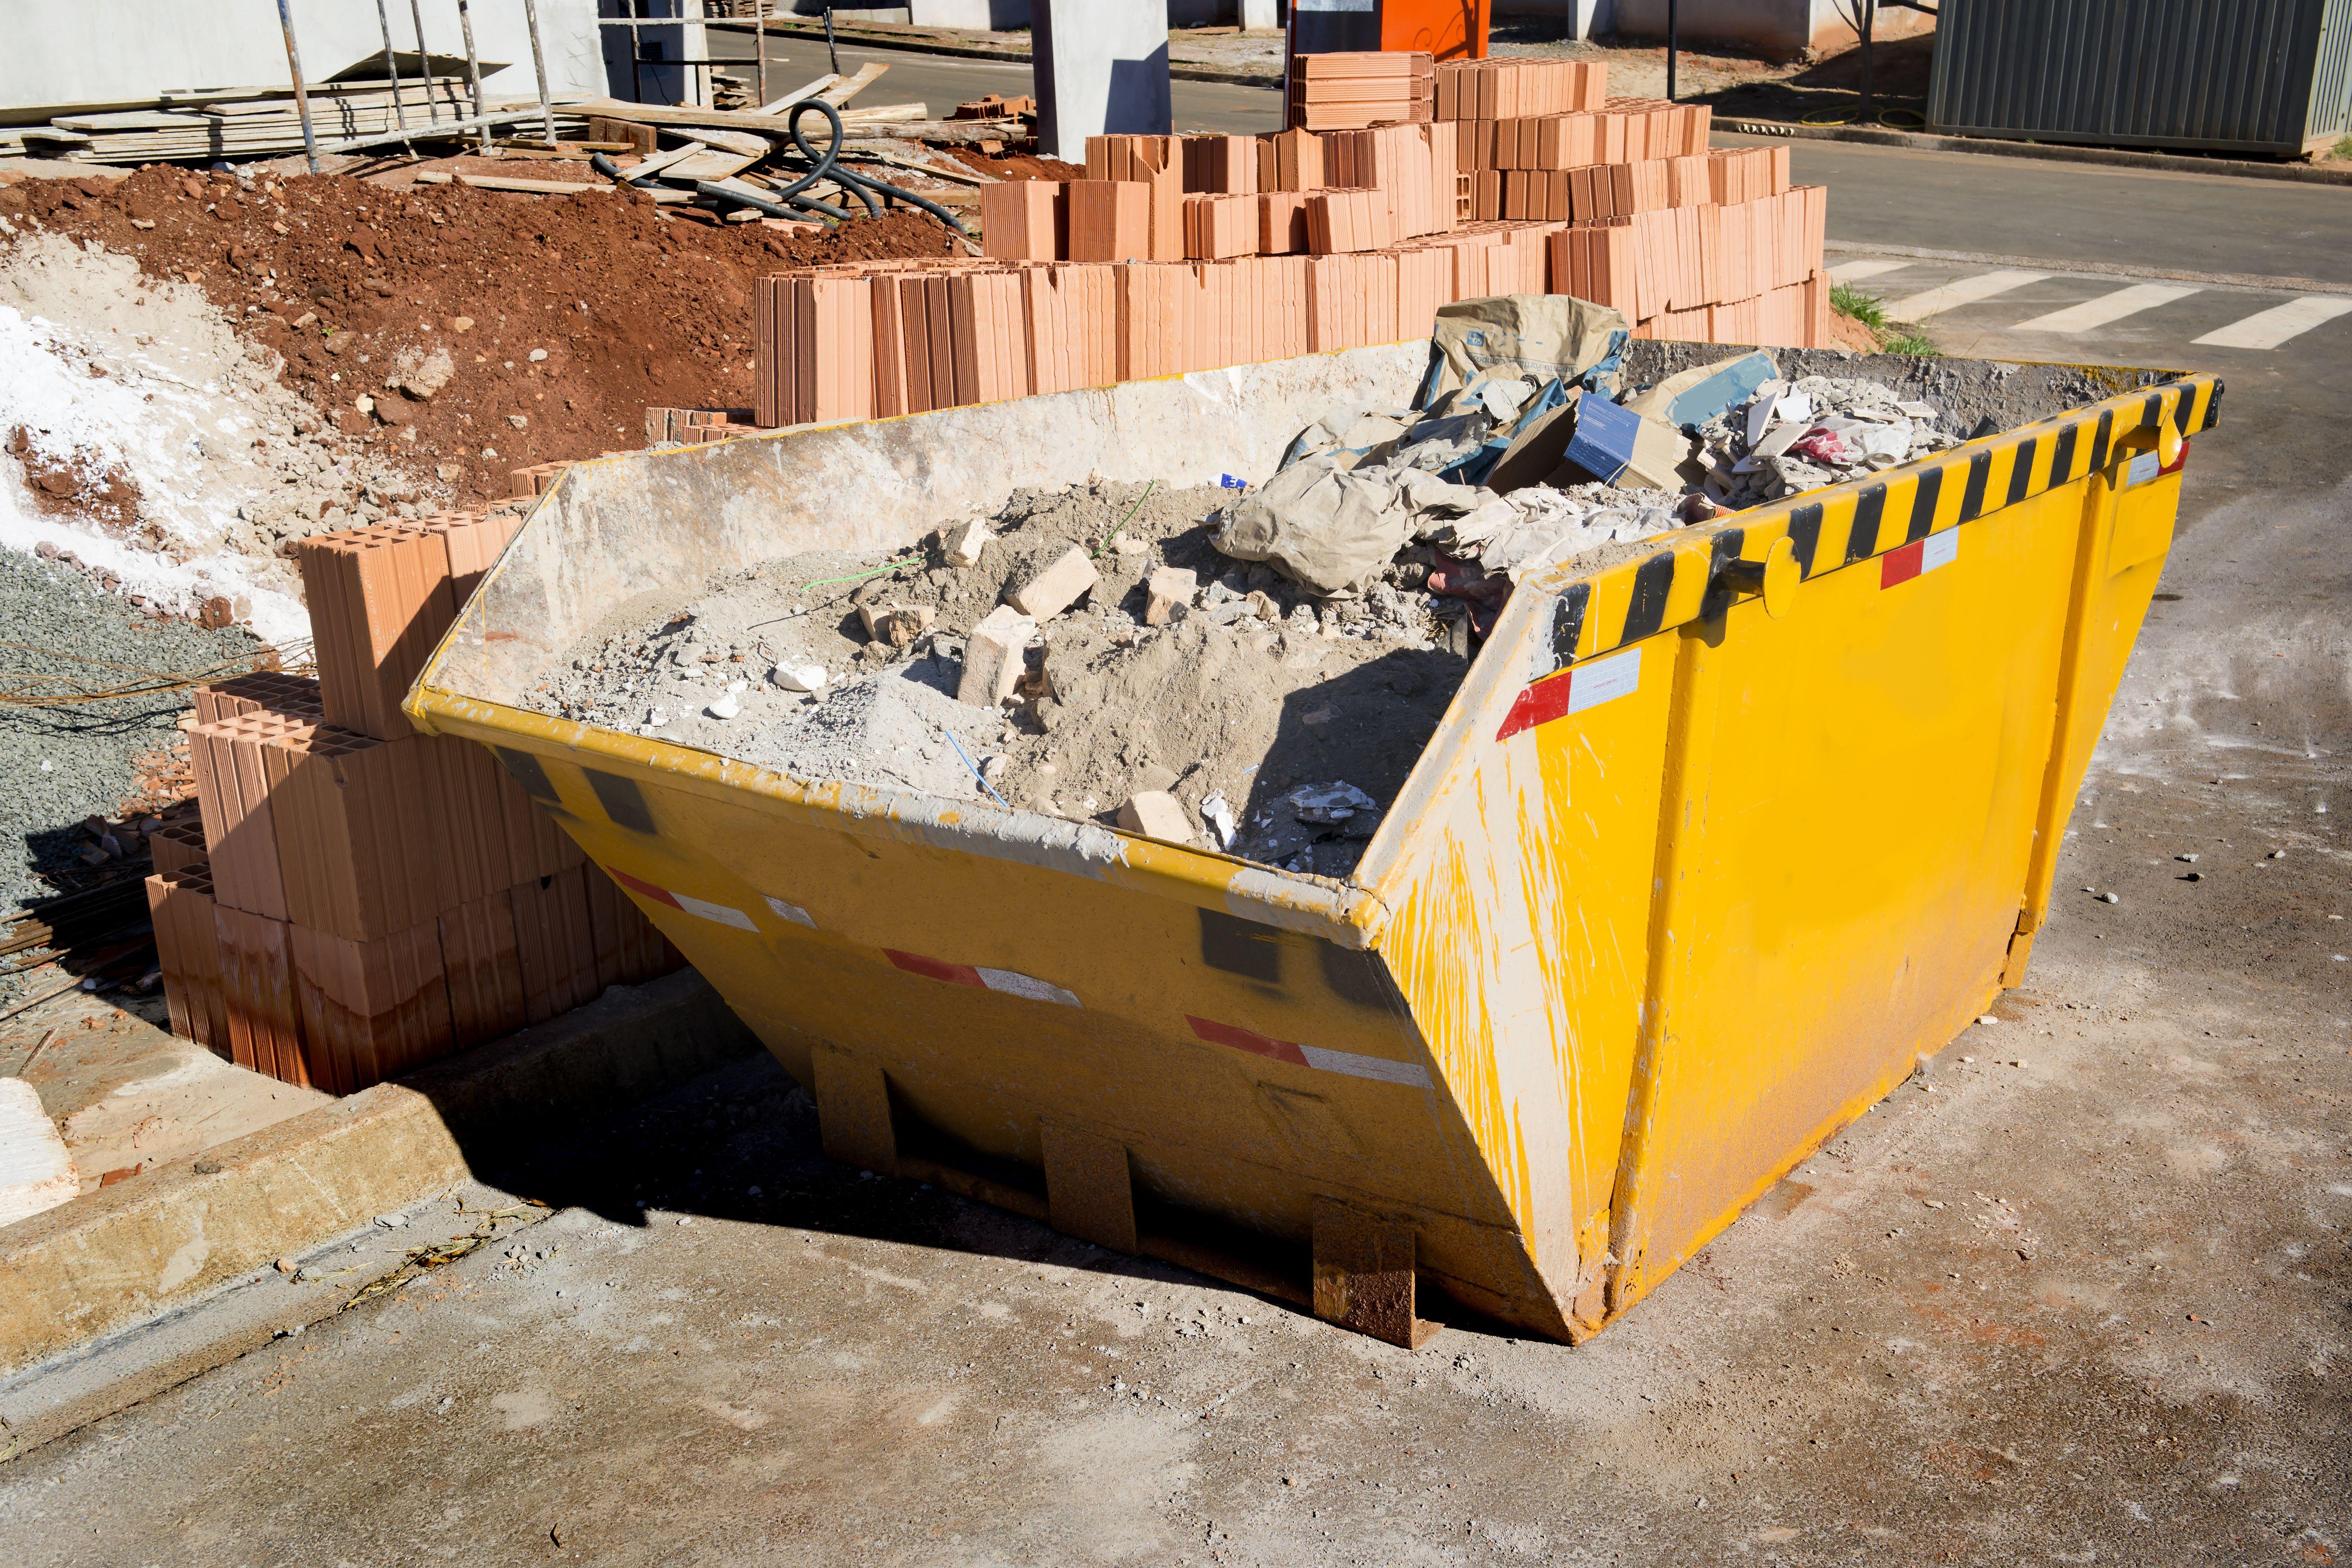 Contenedores para obras, podas y otros materiales: Nuestros servicios de Transports i Excavacions Carbonell Gelabert